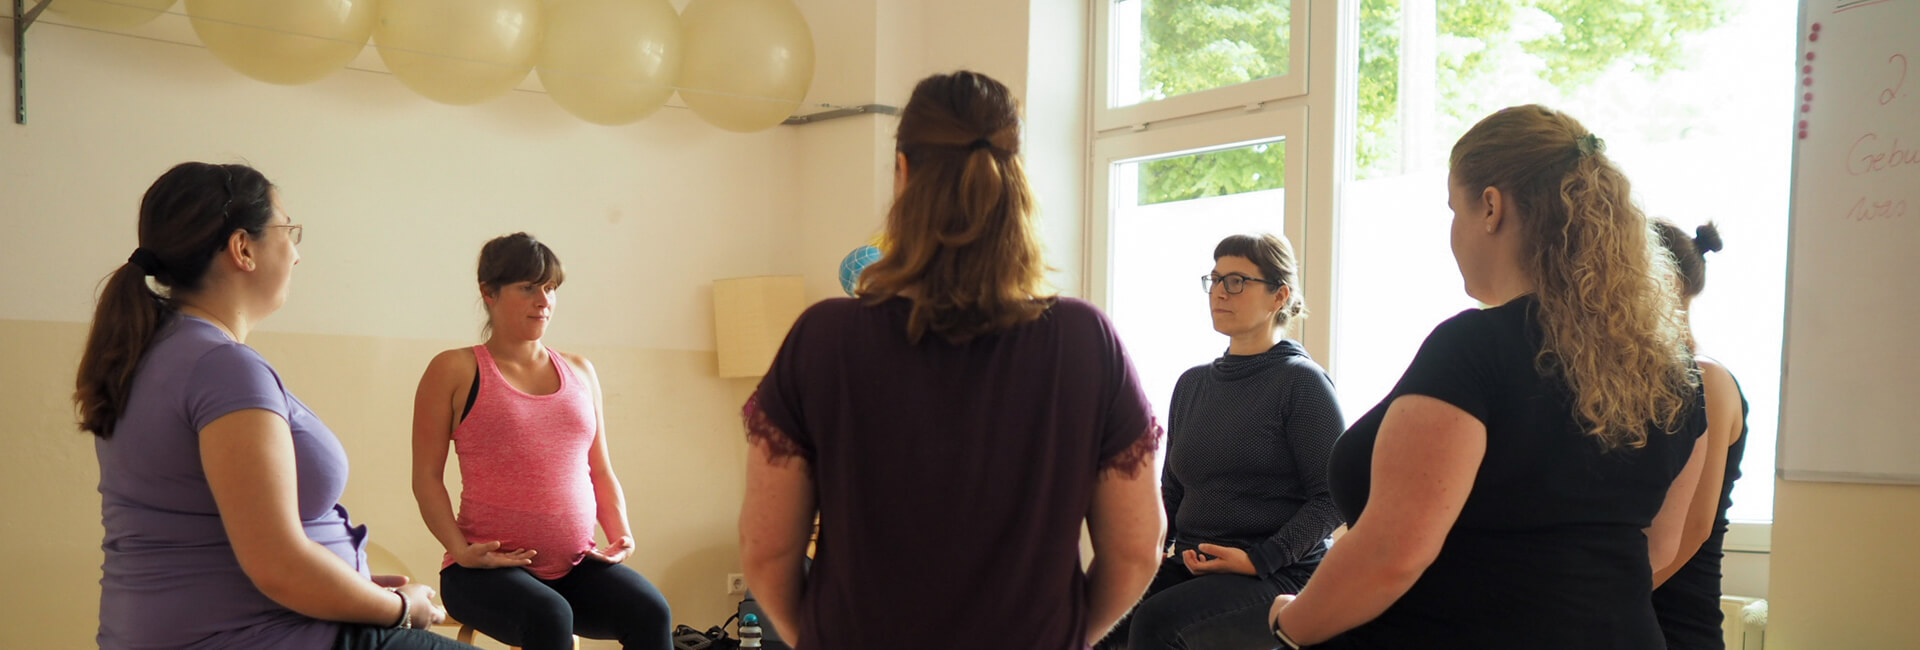 Hebammenpraxis Berlin Kurse Geburtsvorbereitungskurs Rückbildungskurs